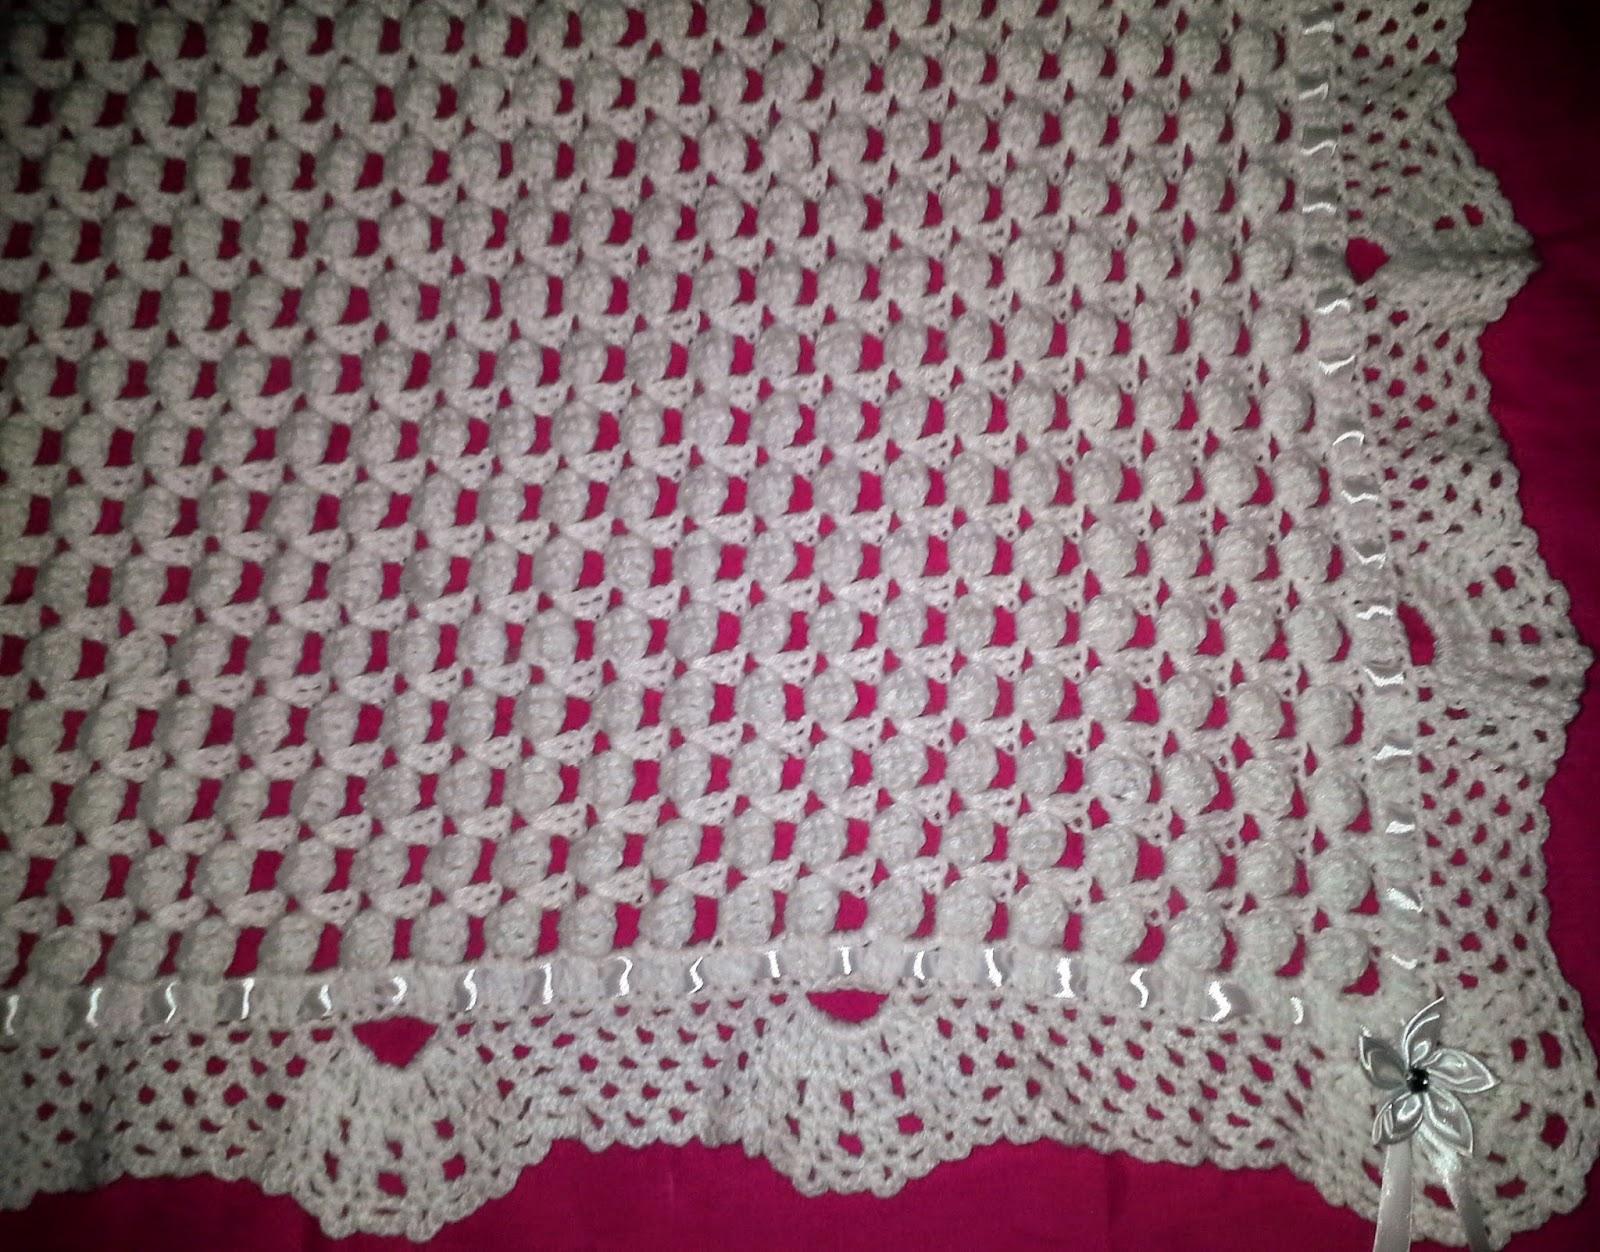 couvre lit crochet pour bébé Melissa Melina Crochet: Superbe couverture pour bébé au crochet couvre lit crochet pour bébé